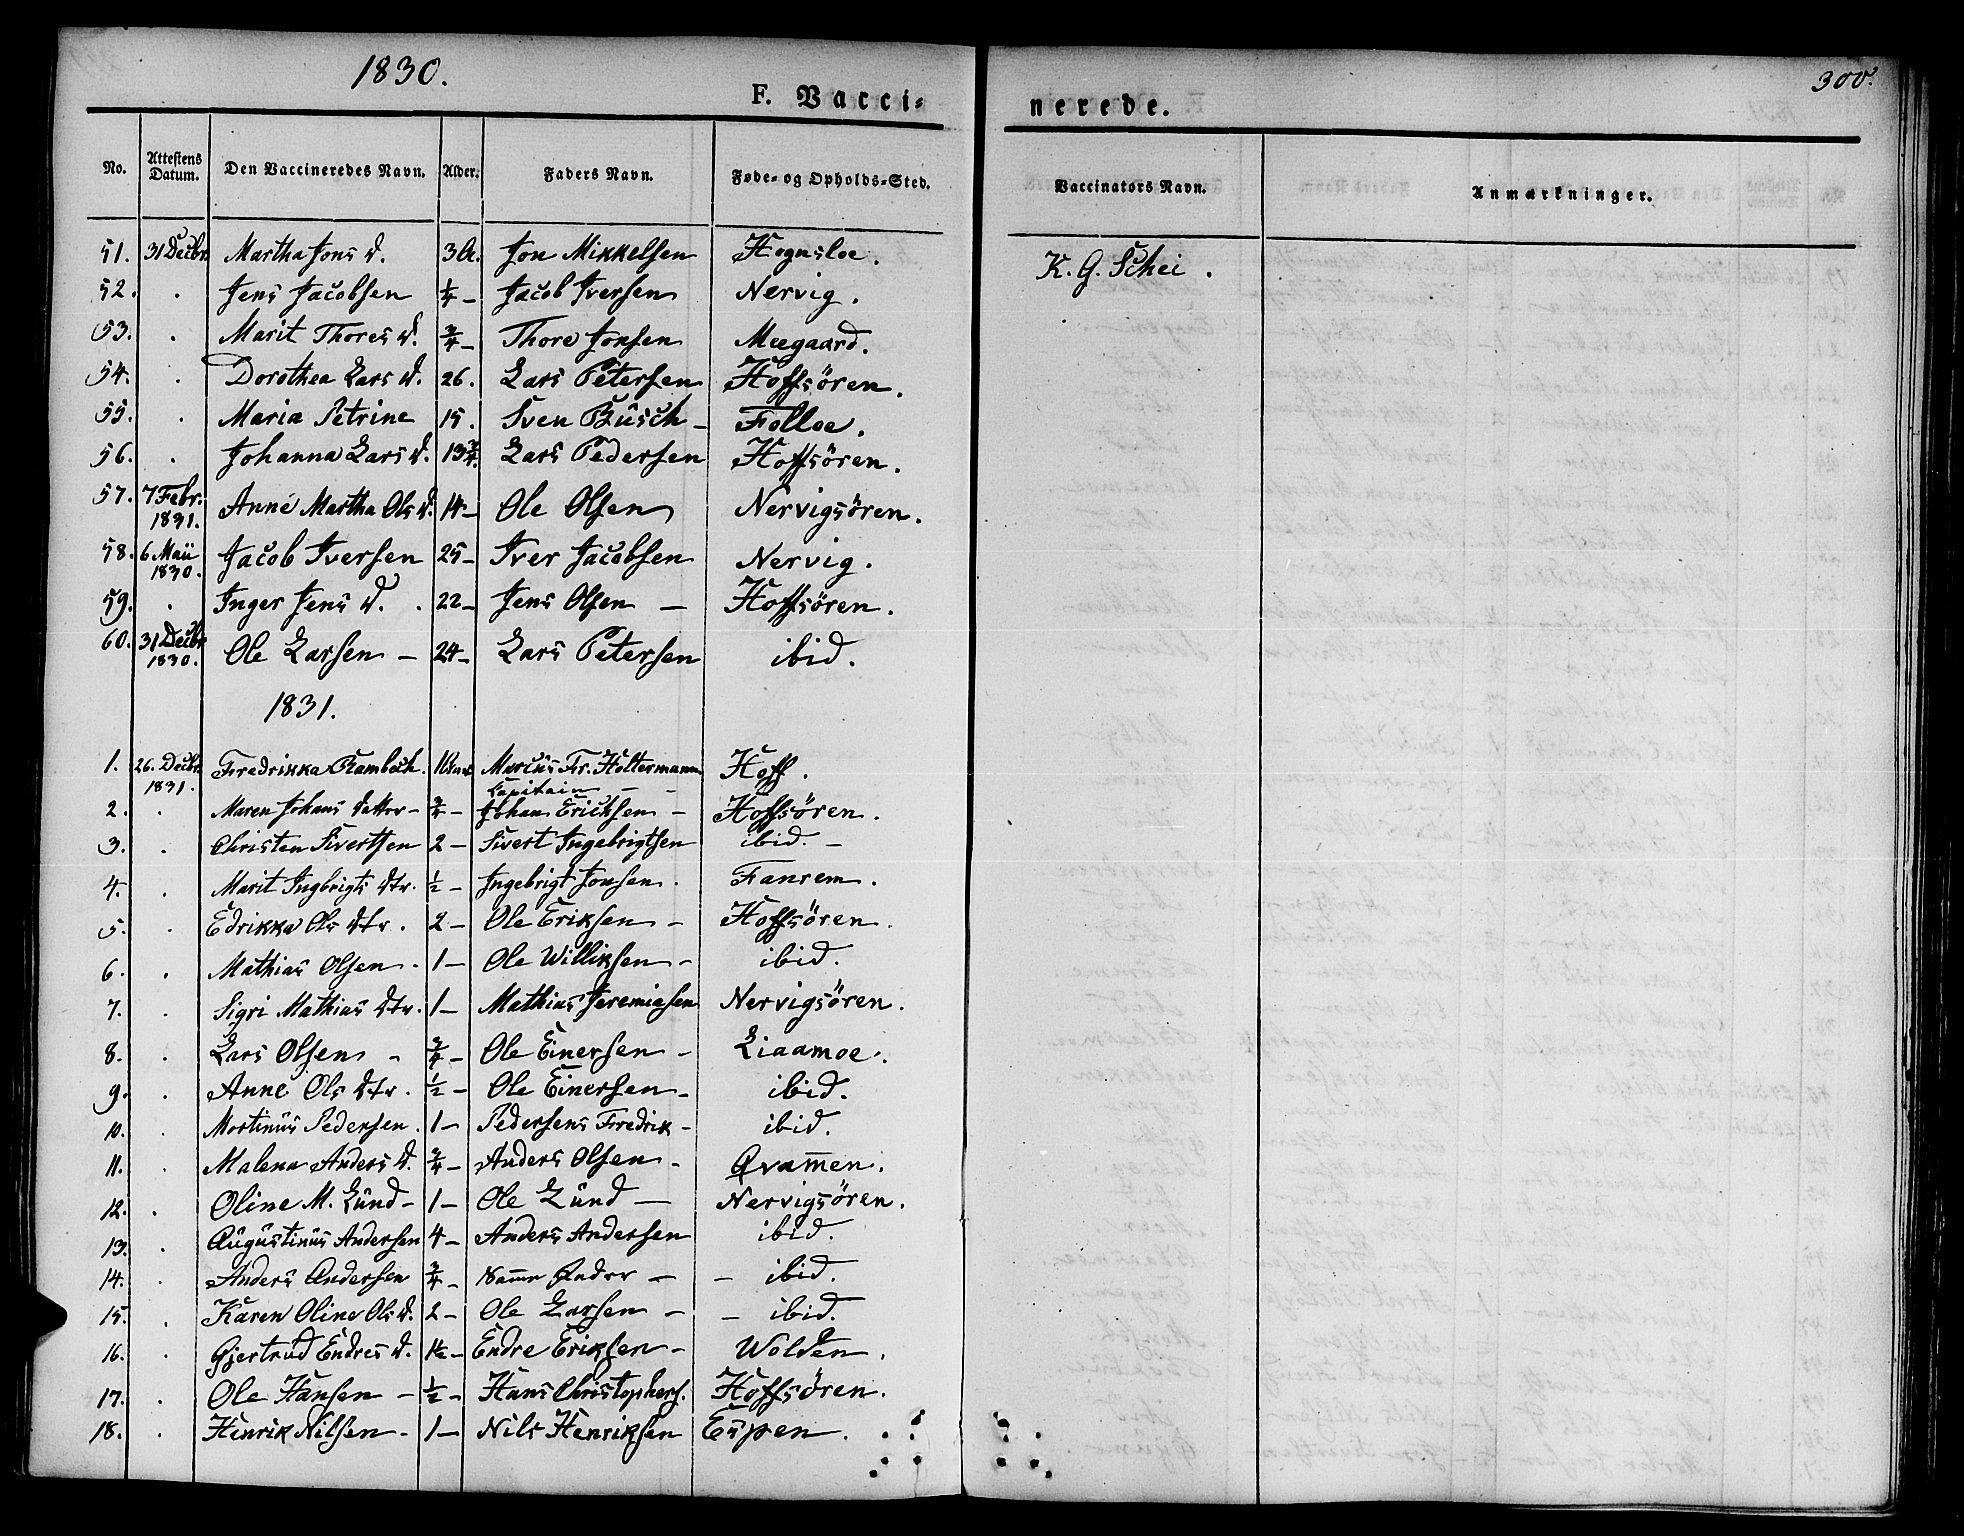 SAT, Ministerialprotokoller, klokkerbøker og fødselsregistre - Sør-Trøndelag, 668/L0804: Ministerialbok nr. 668A04, 1826-1839, s. 300